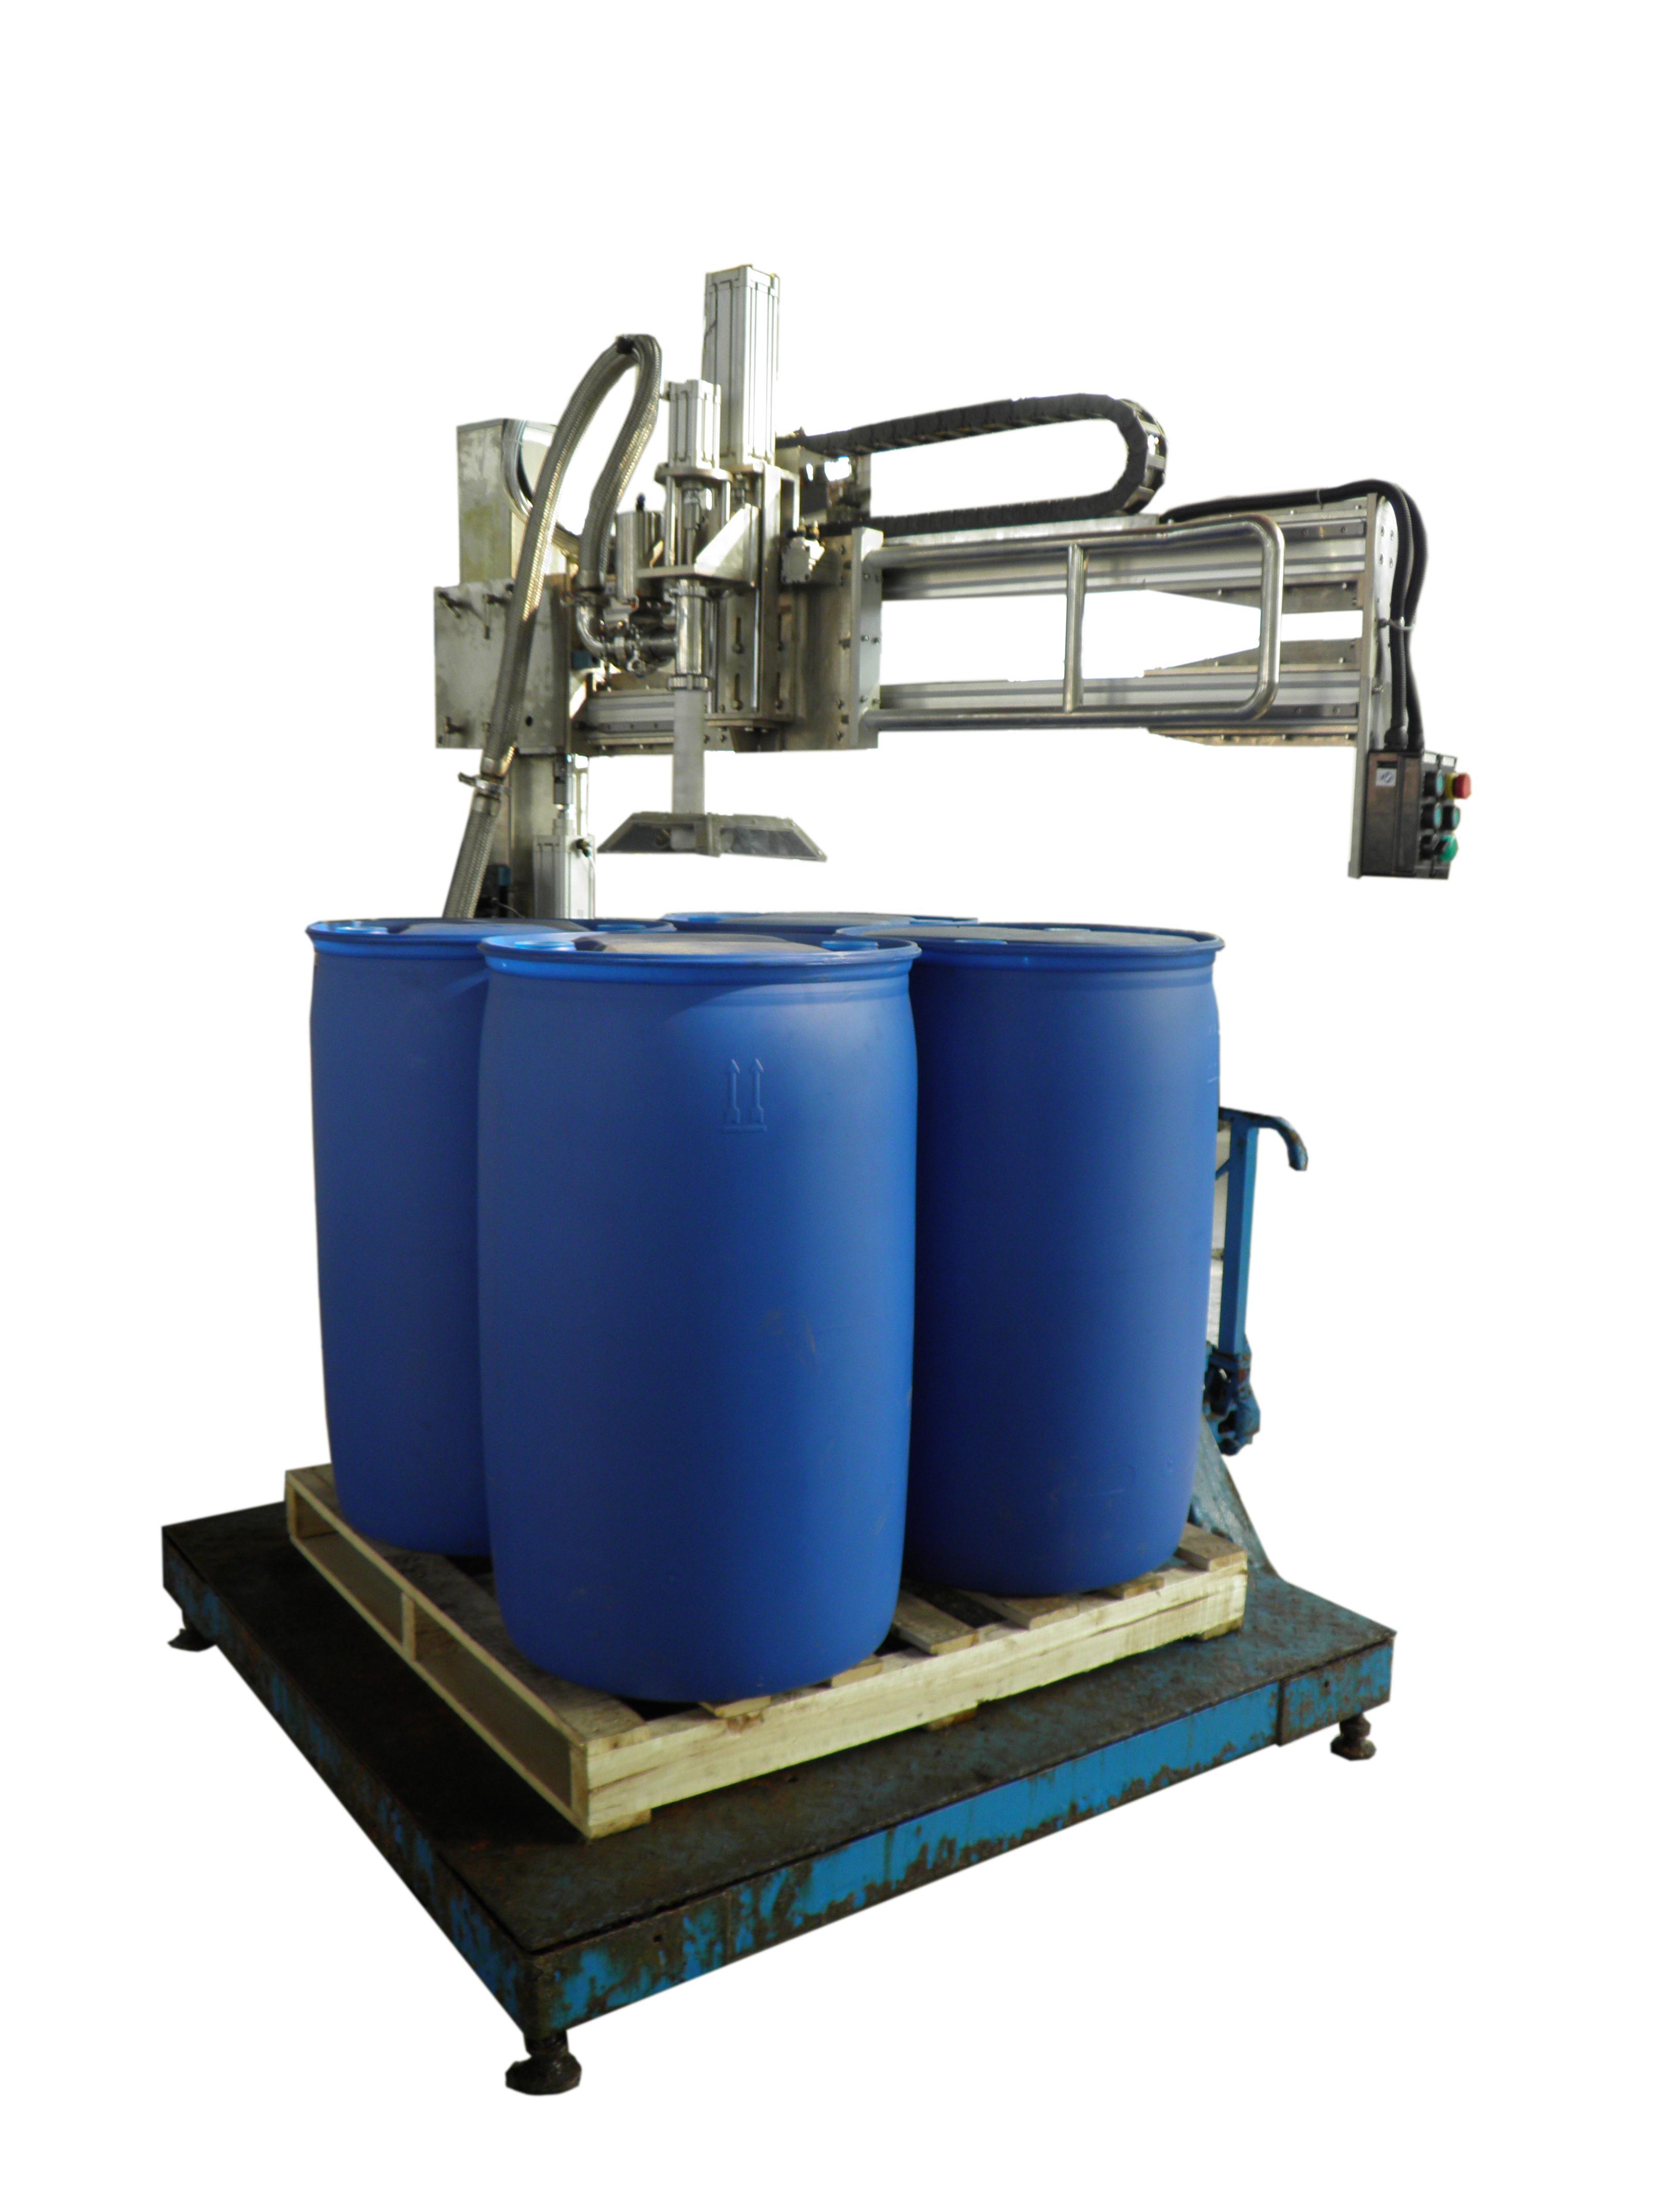 无锡德瑞包装设备制造有限公司是专业生产厂家 欢迎各桶装产品用户前来定制各种桶的——定量灌装封口码垛全自动包装线。 http//:www.jswxdr.com 电话:0510-85520151 传真:0510-85522501